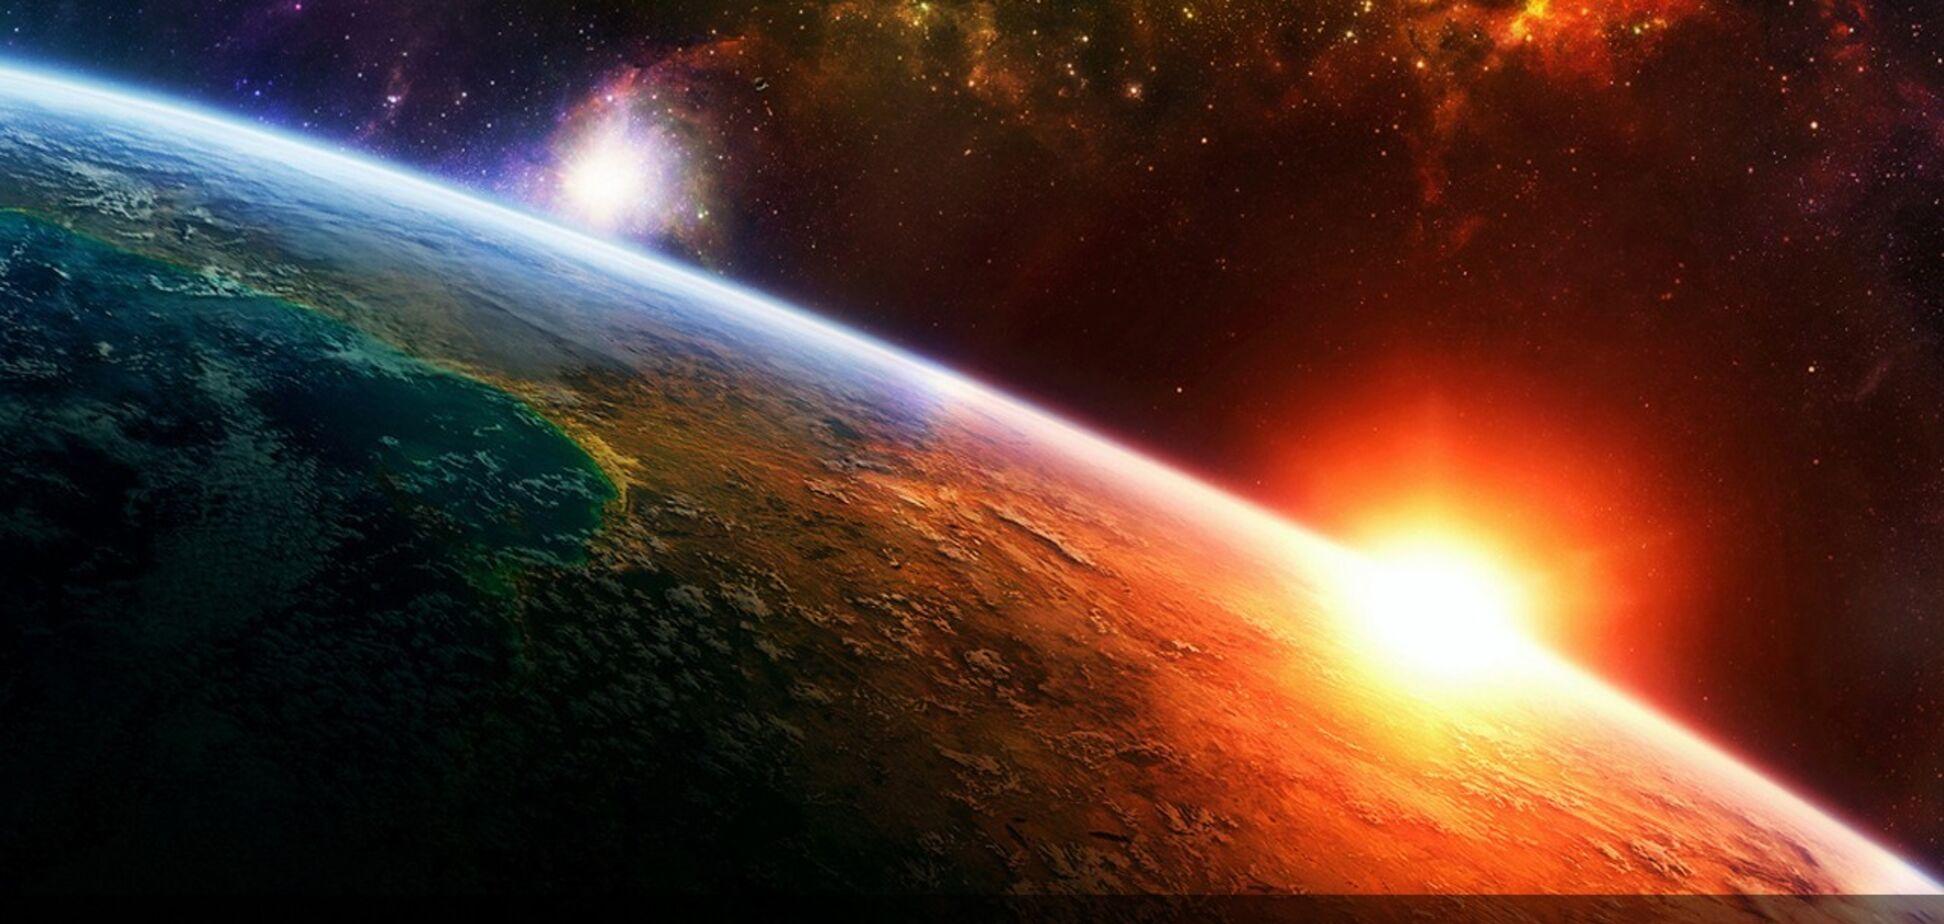 Аномалія чи загроза? Вчені отримали загадковий сигнал з космосу